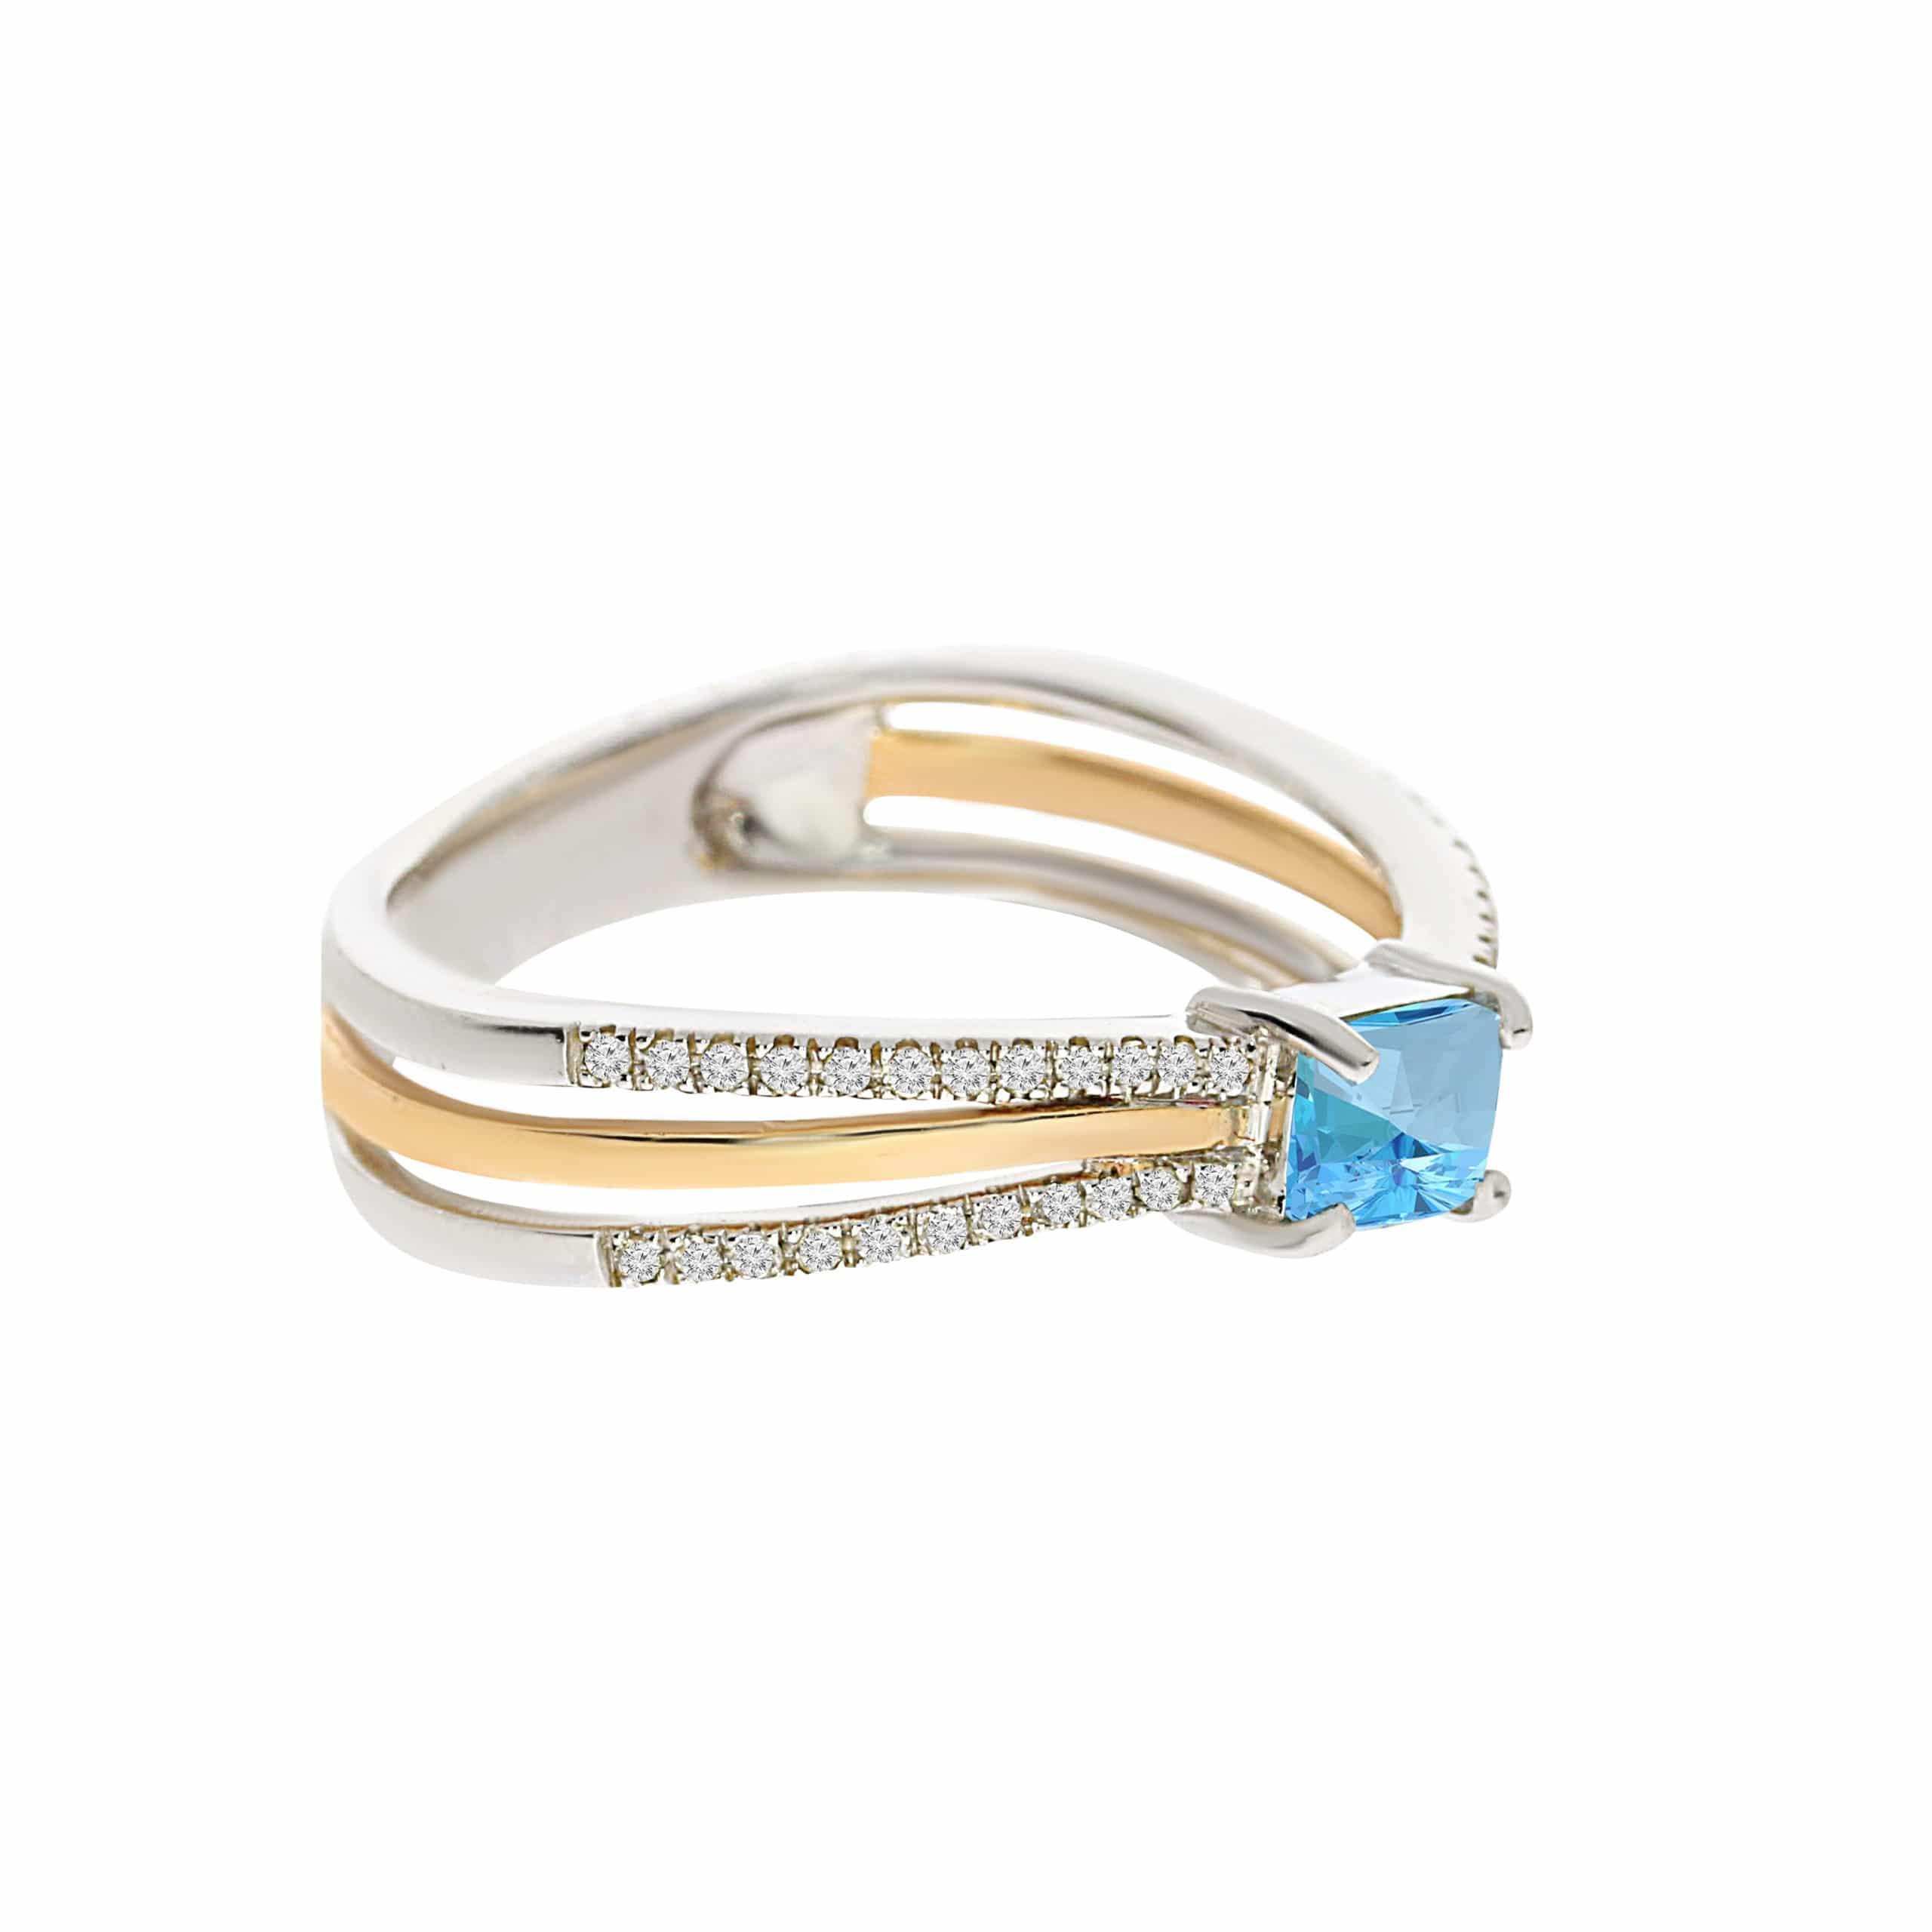 טבעת בלו טופז 0.36 קראט, זהב-לבן 14 קראט, בשיבוץ 0.13 קראט יהלומים